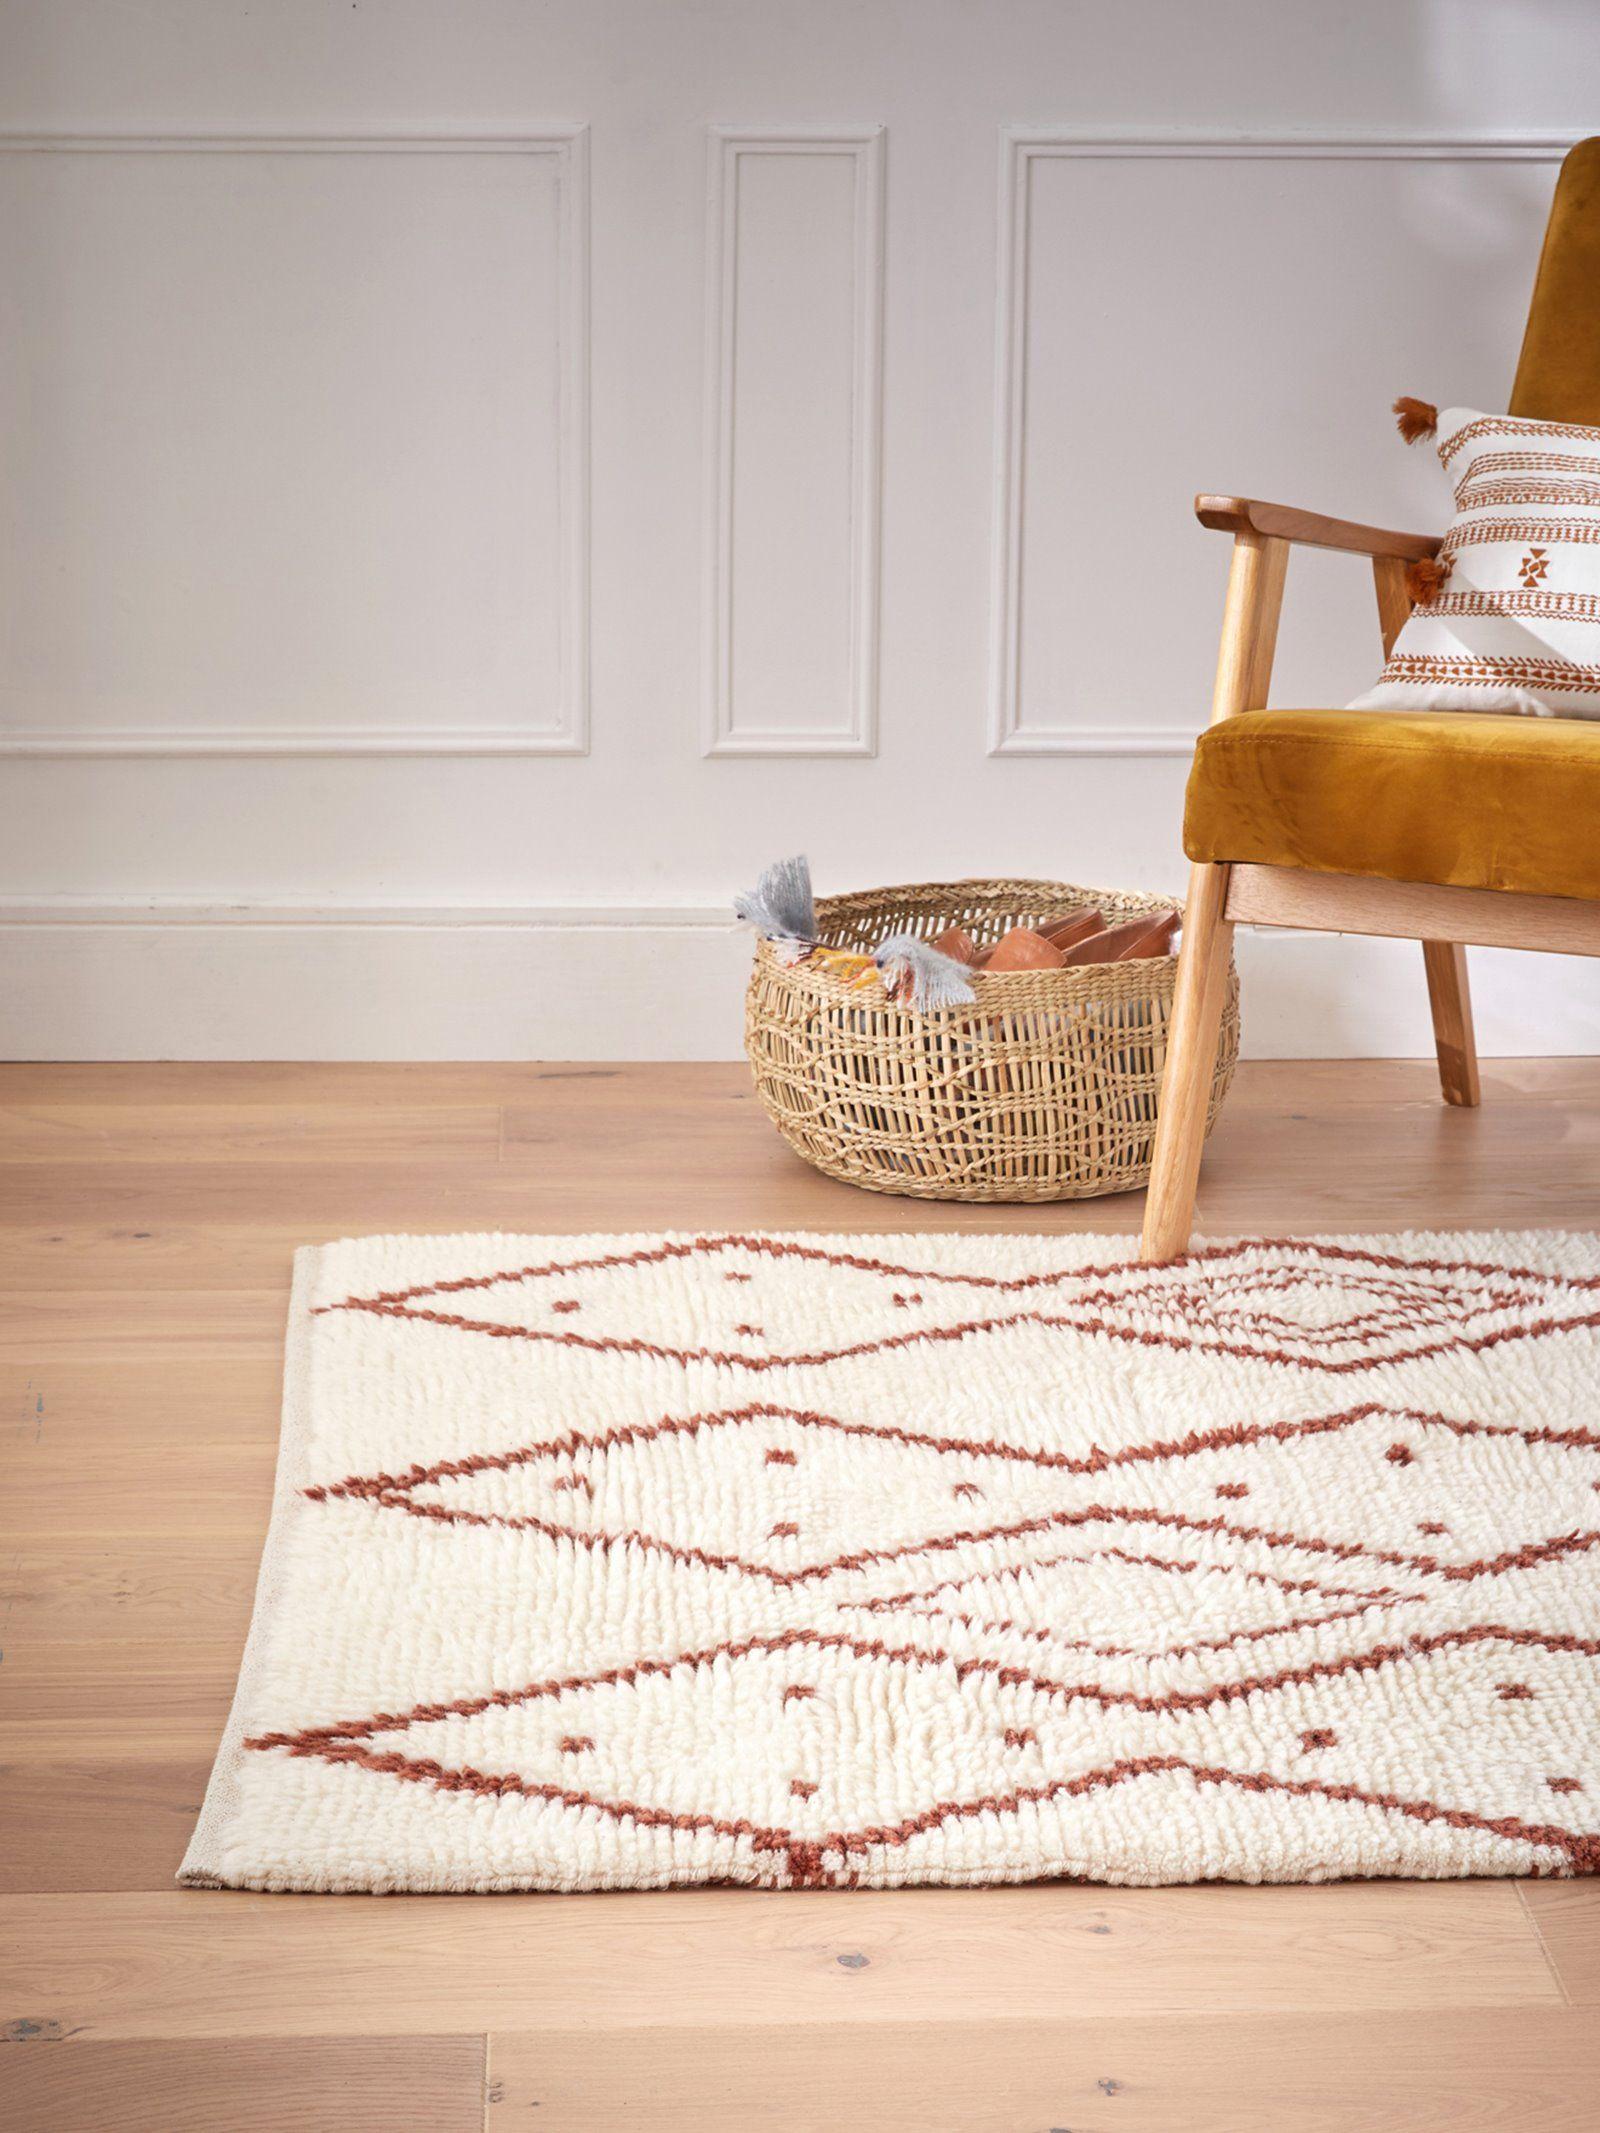 Tapis Salon Couleur Rouille tapis berbère en laine - beige/rouille, maison - vetement et